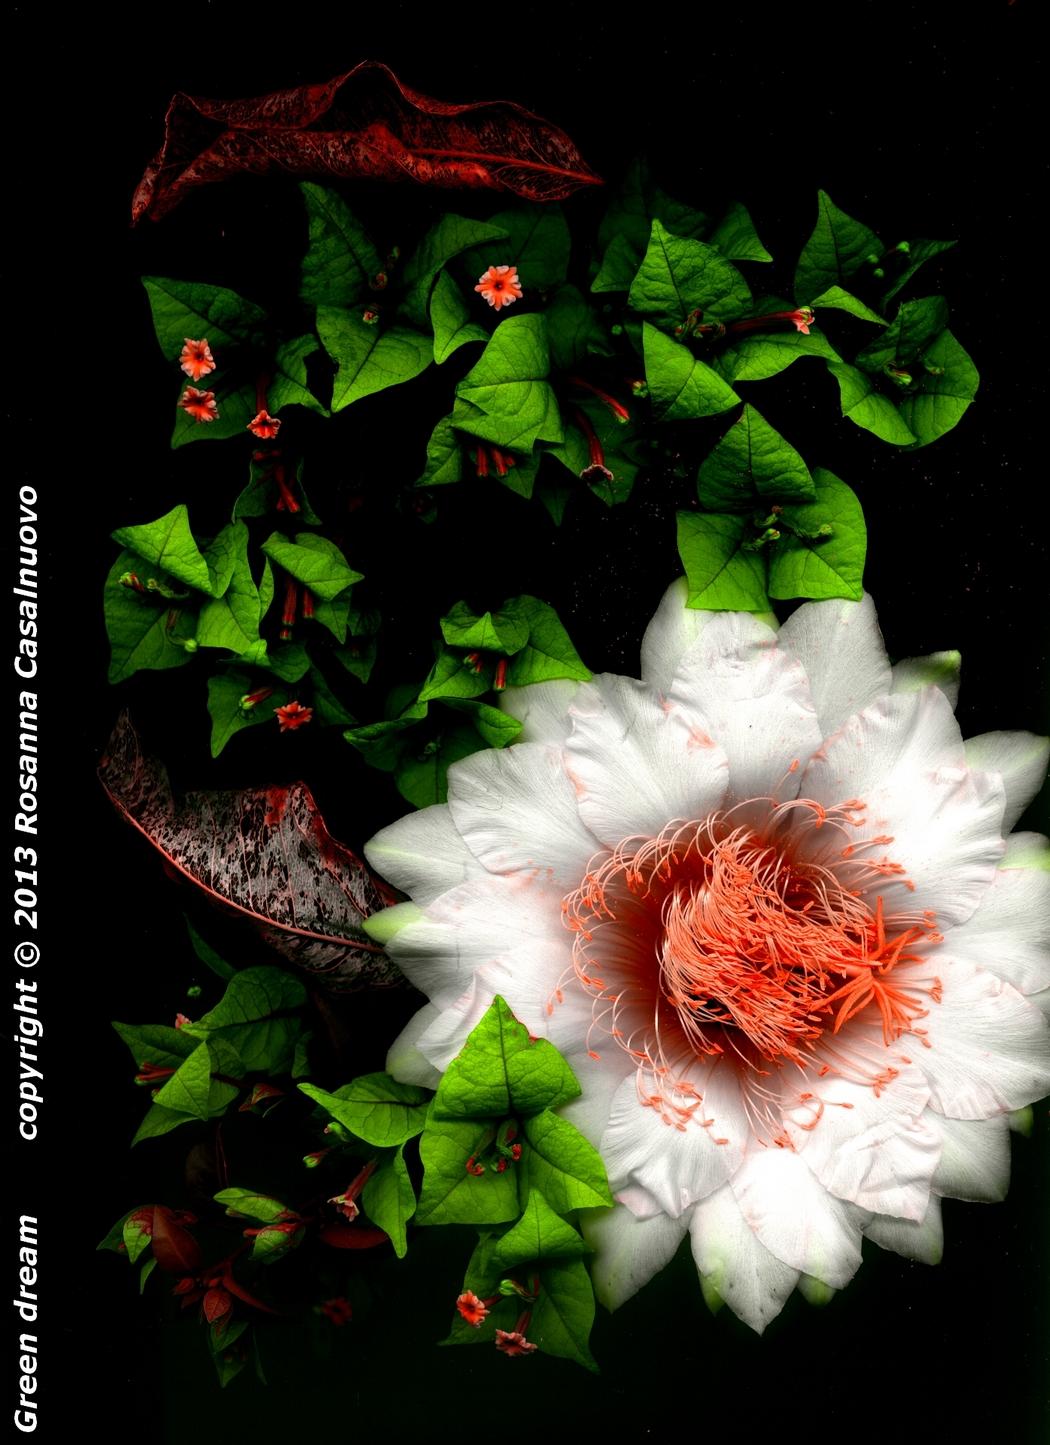 scannografia fiori bougainvillea cactus manipolazione colori